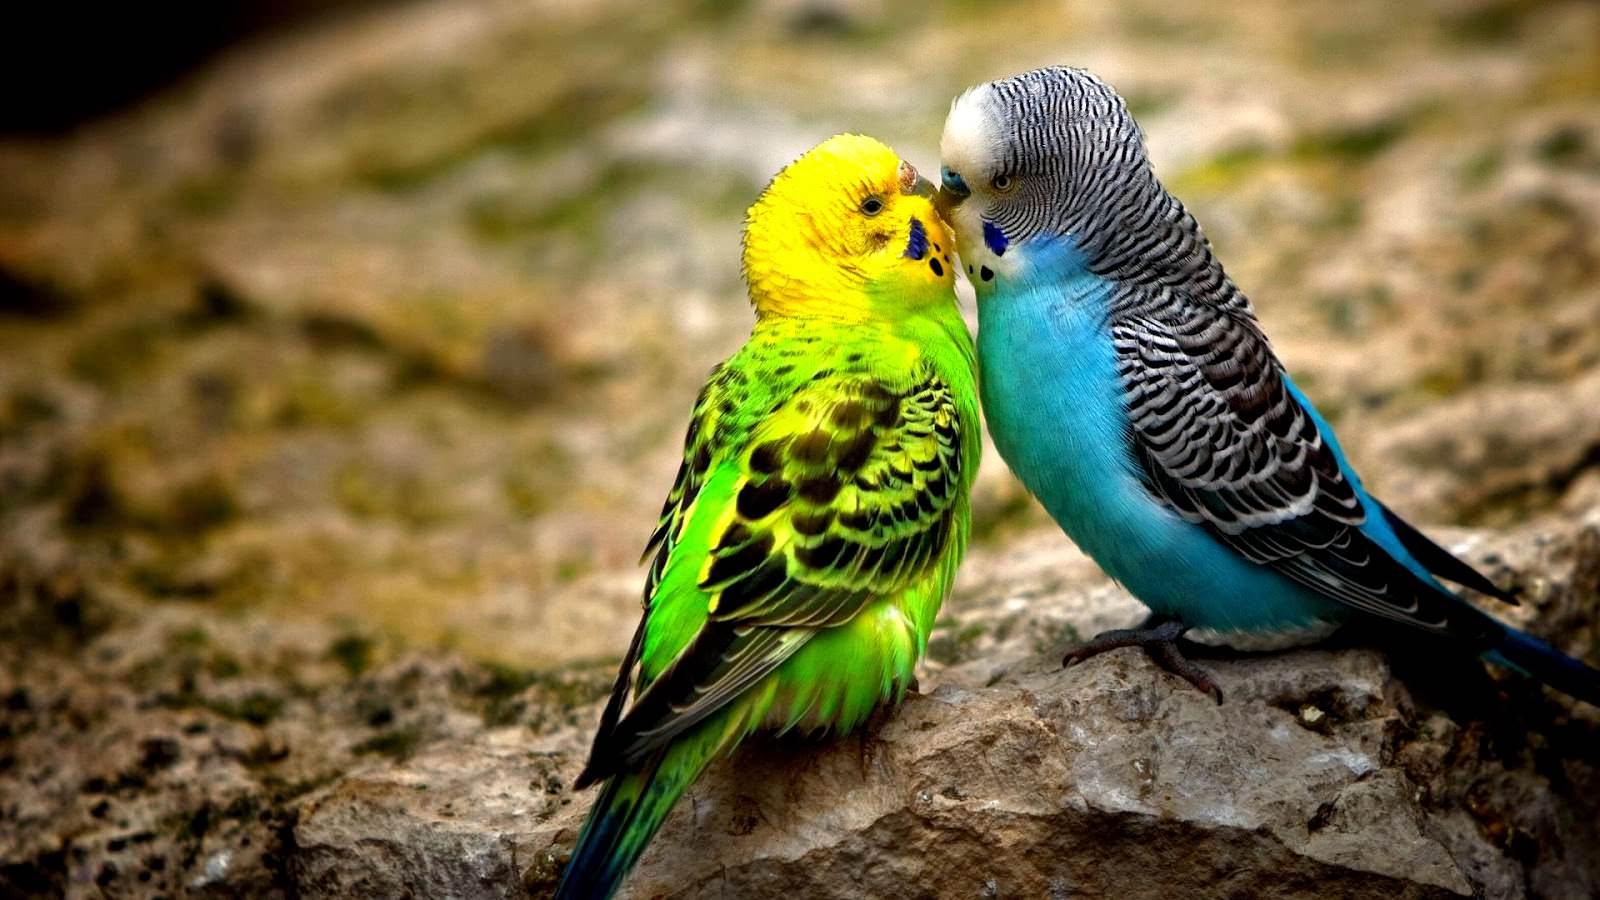 animals_hdwallpaper_sweet-kiss_62151